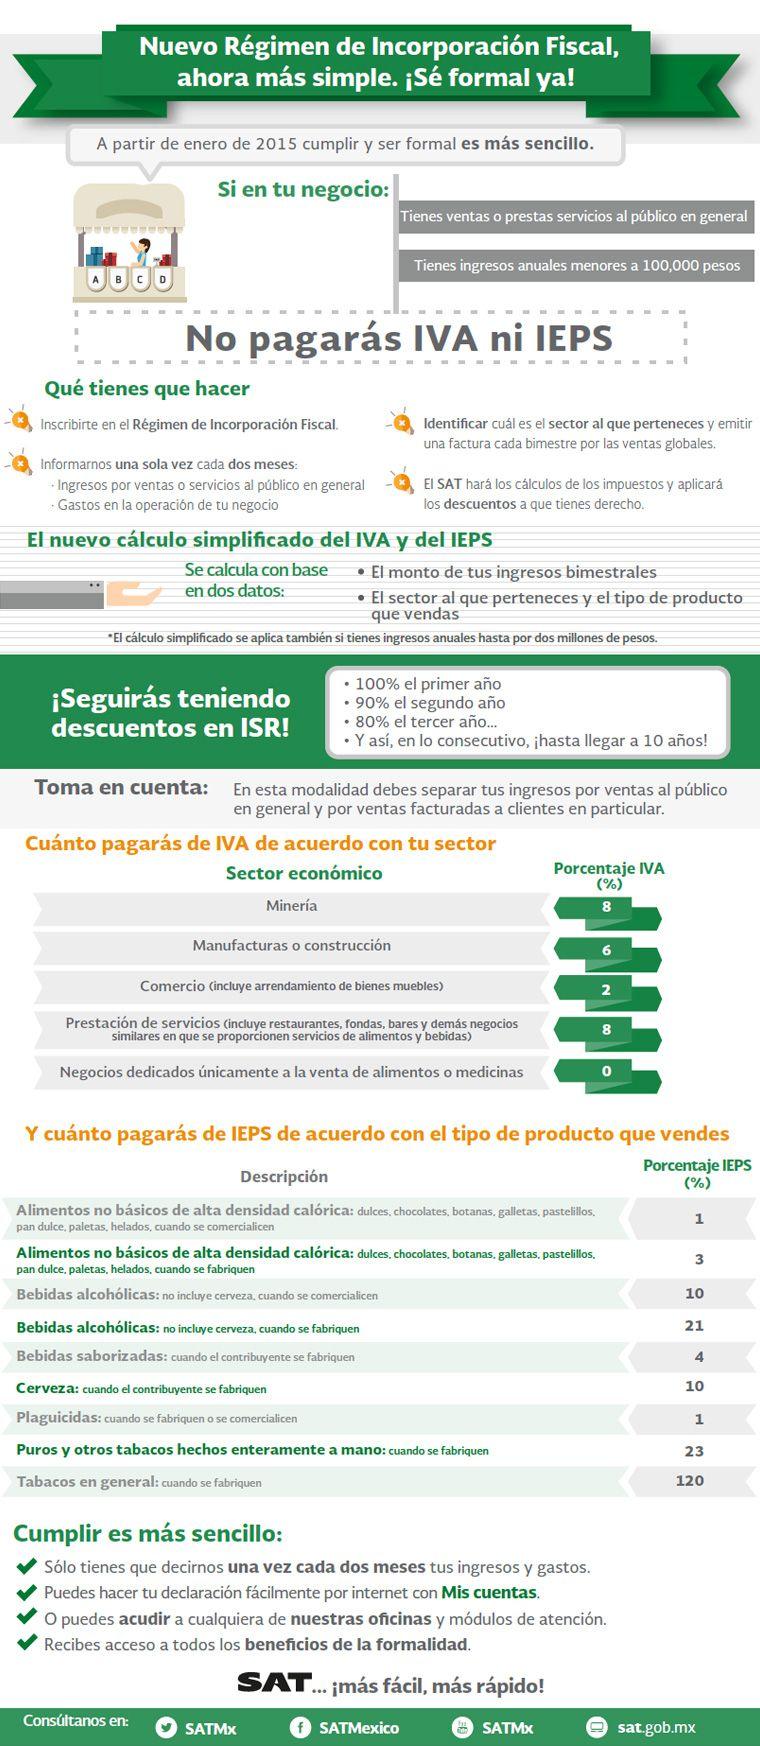 Infografia Resumen RIF | Practice your Spanish! | Pinterest ...